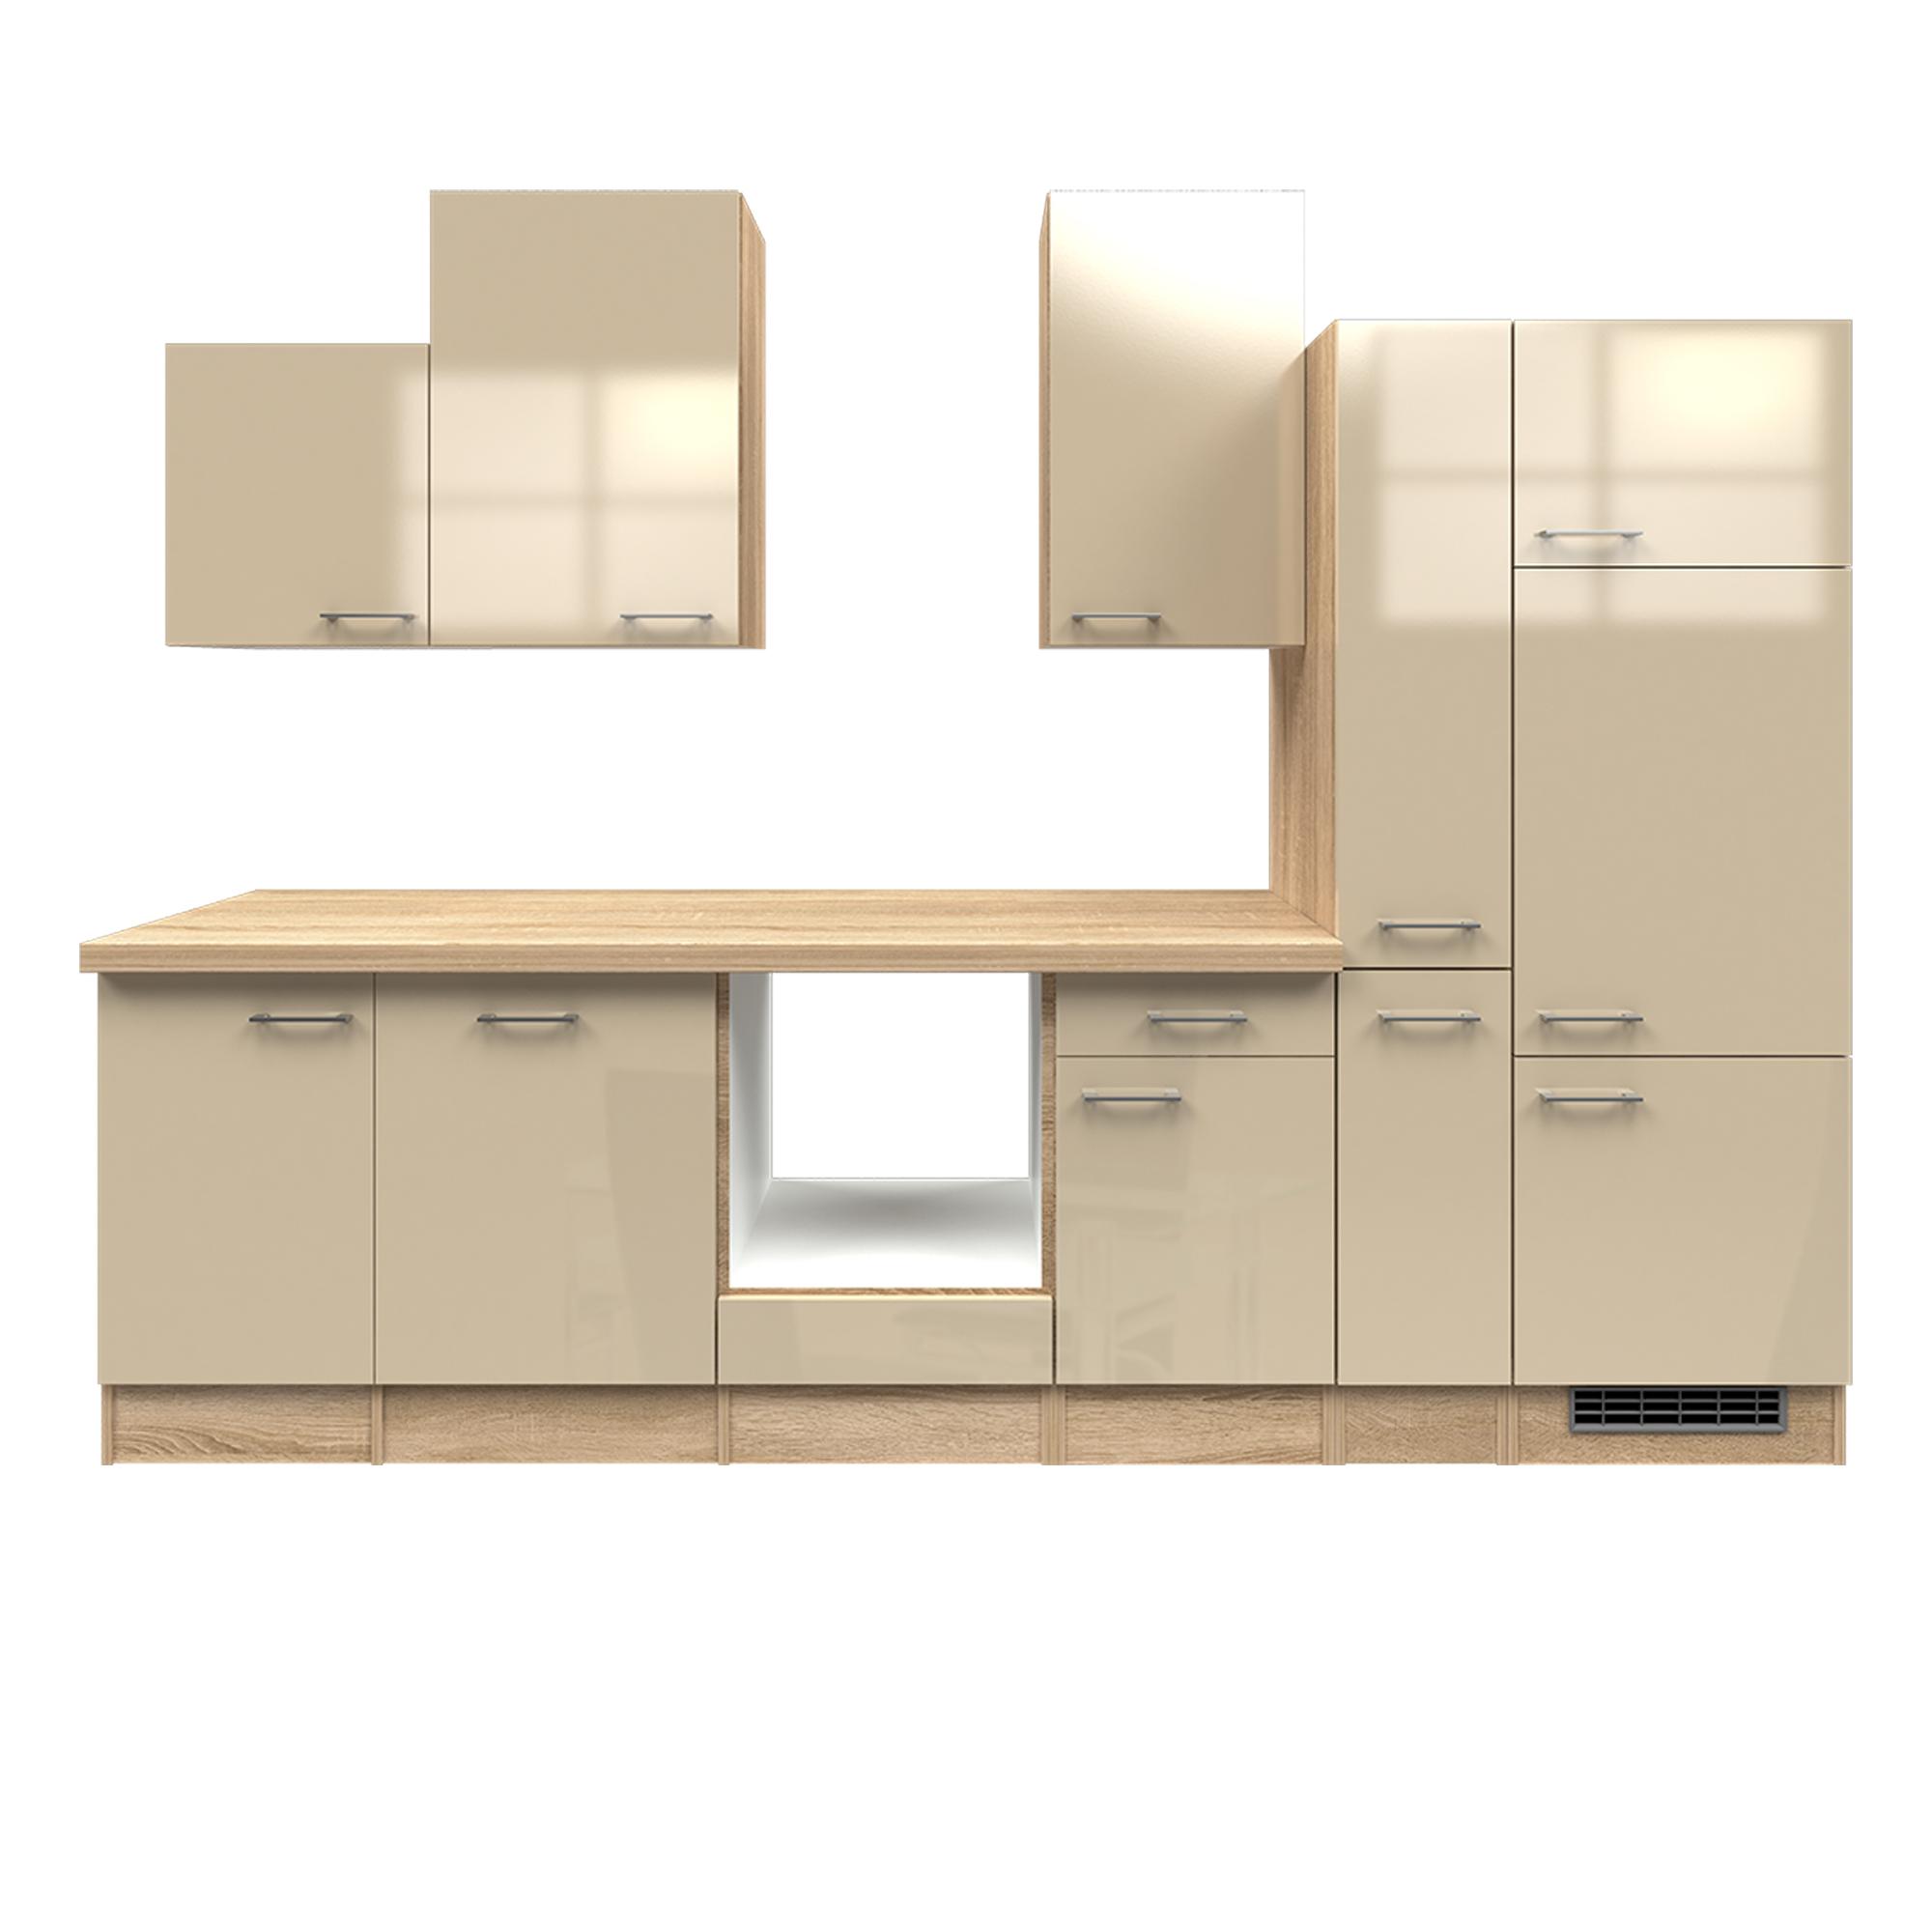 k chenzeile nepal k chen leerblock breite 310 cm creme gl nzend k che k chenzeilen. Black Bedroom Furniture Sets. Home Design Ideas